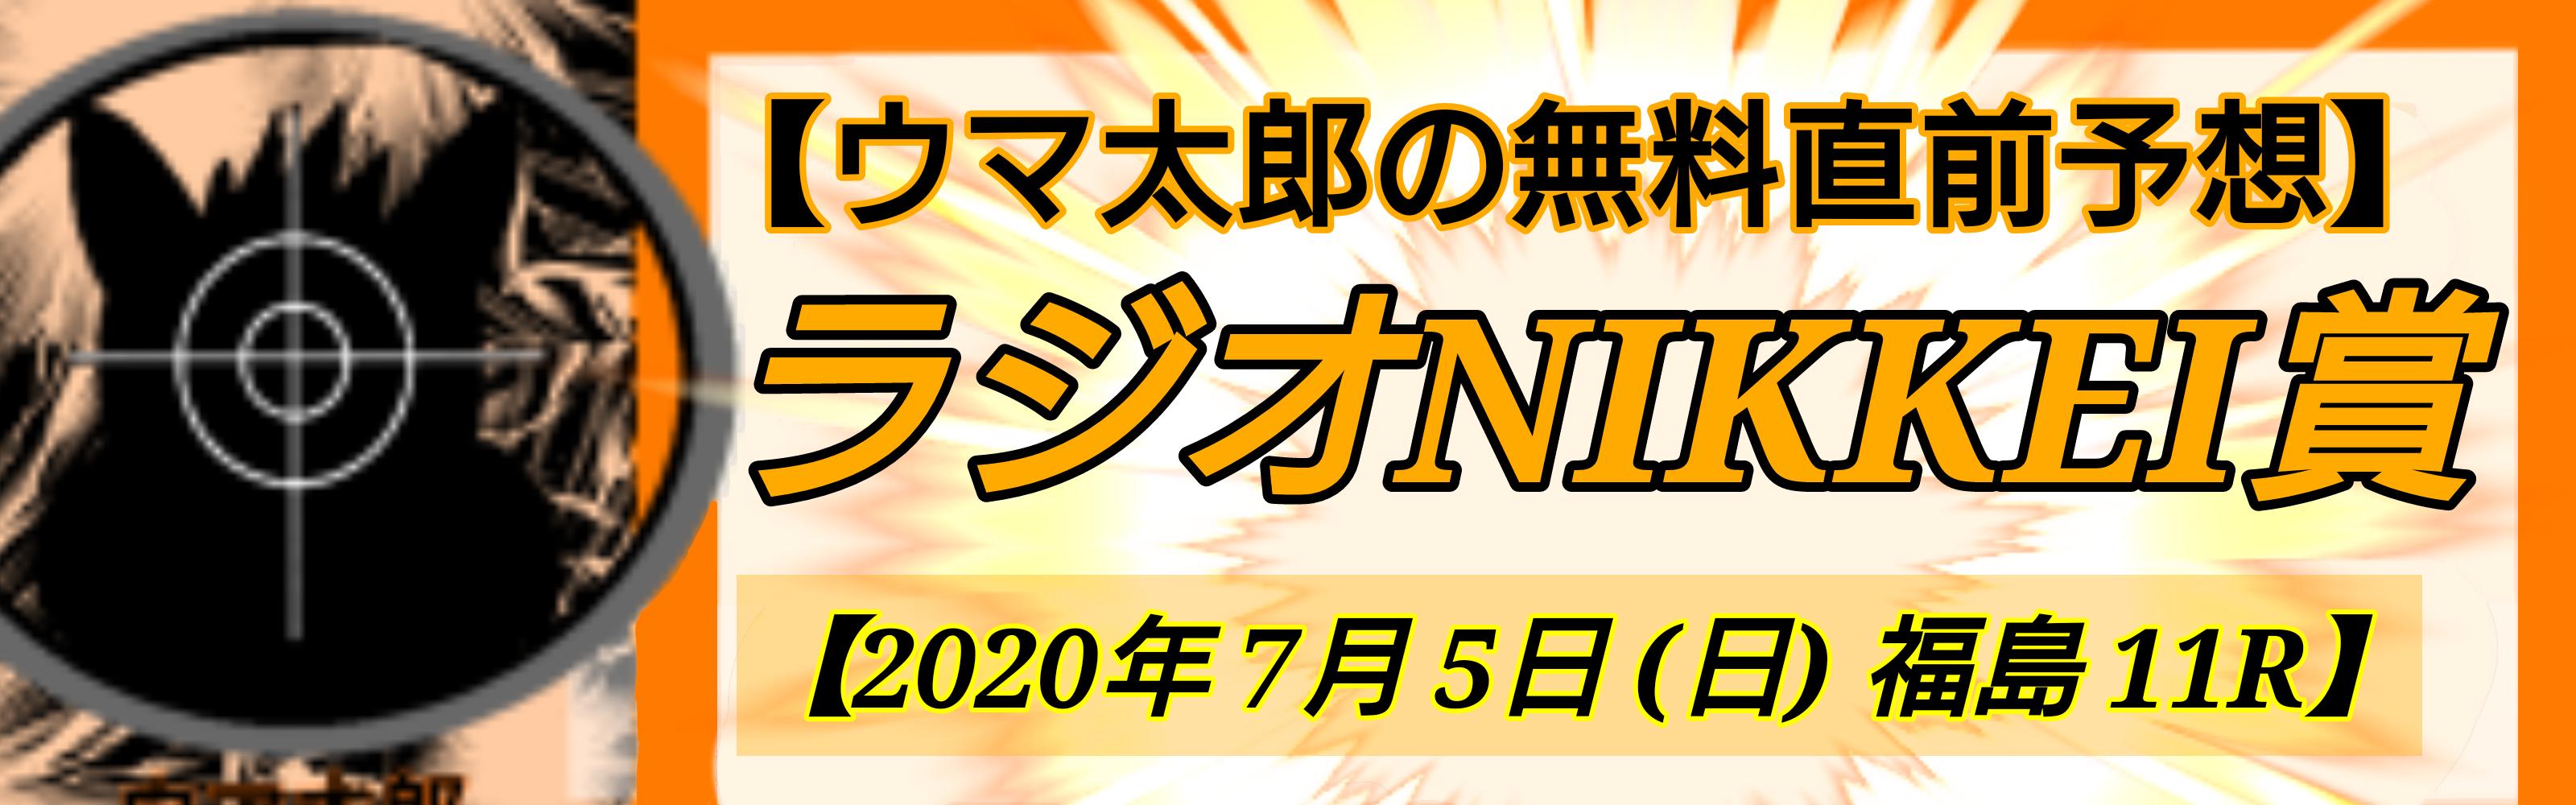 2020 ラジオNIKKEI賞 無料直前予想